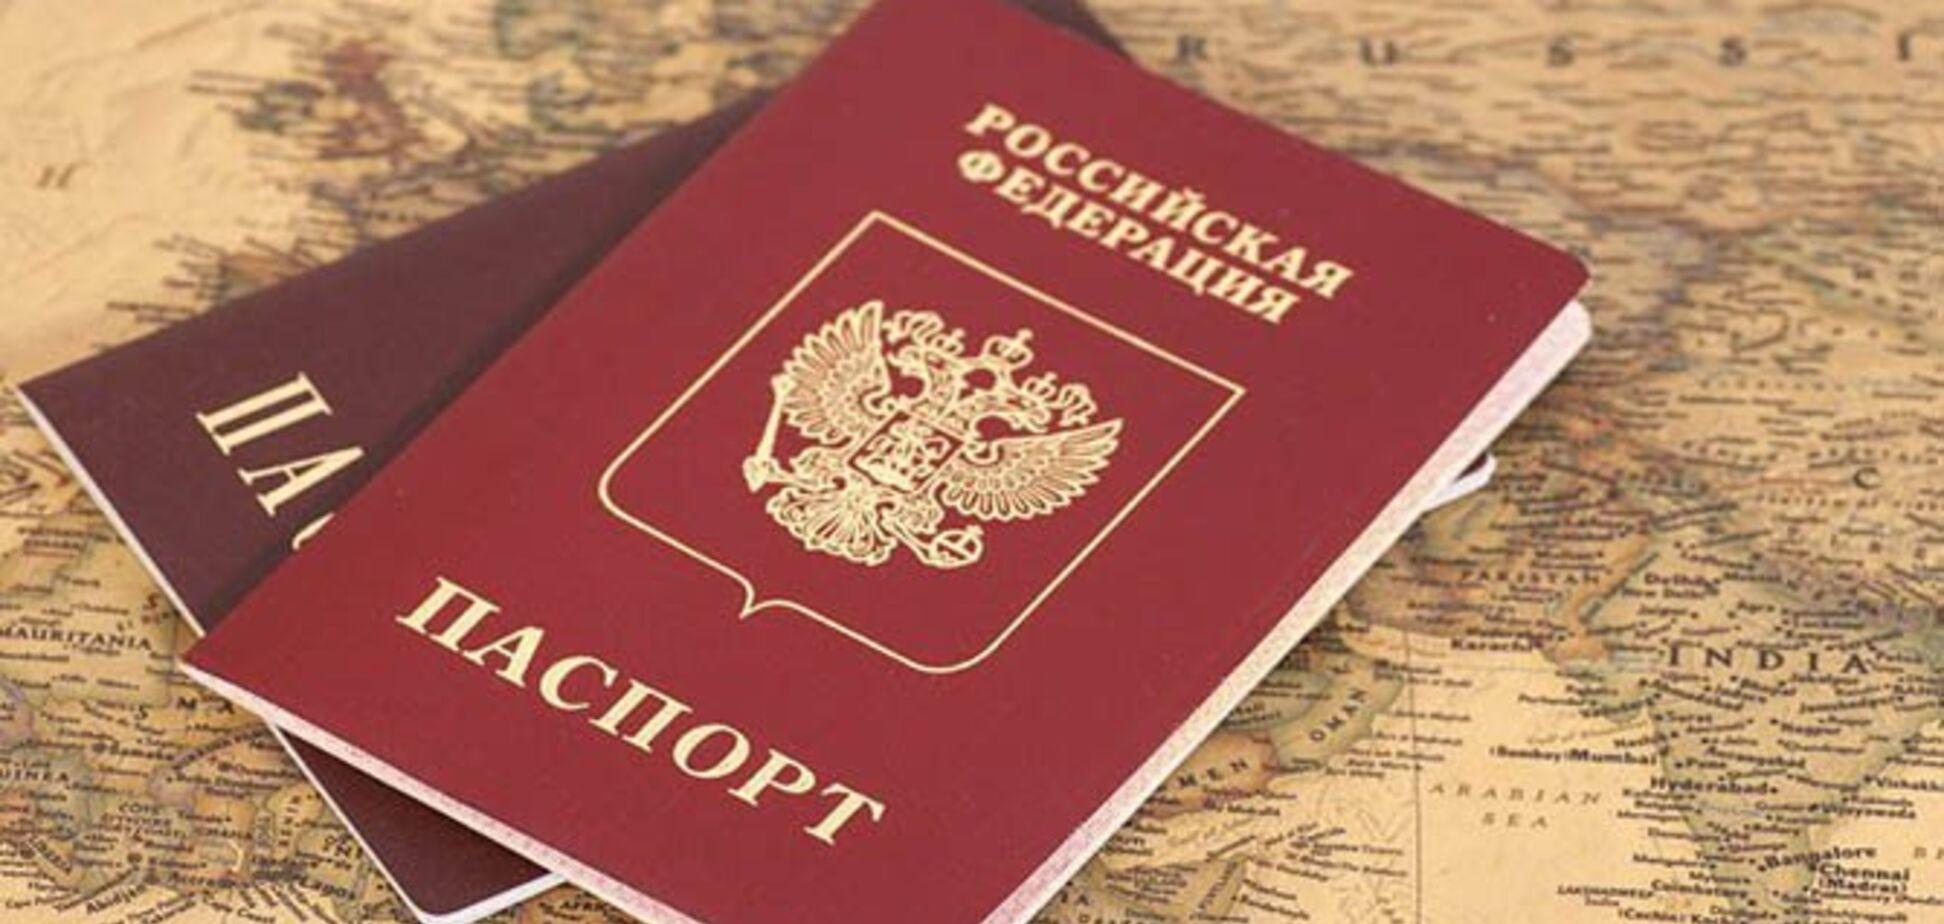 Росія пішла на підлий прийом із паспортами для 'Л/ДНР': у чому справа